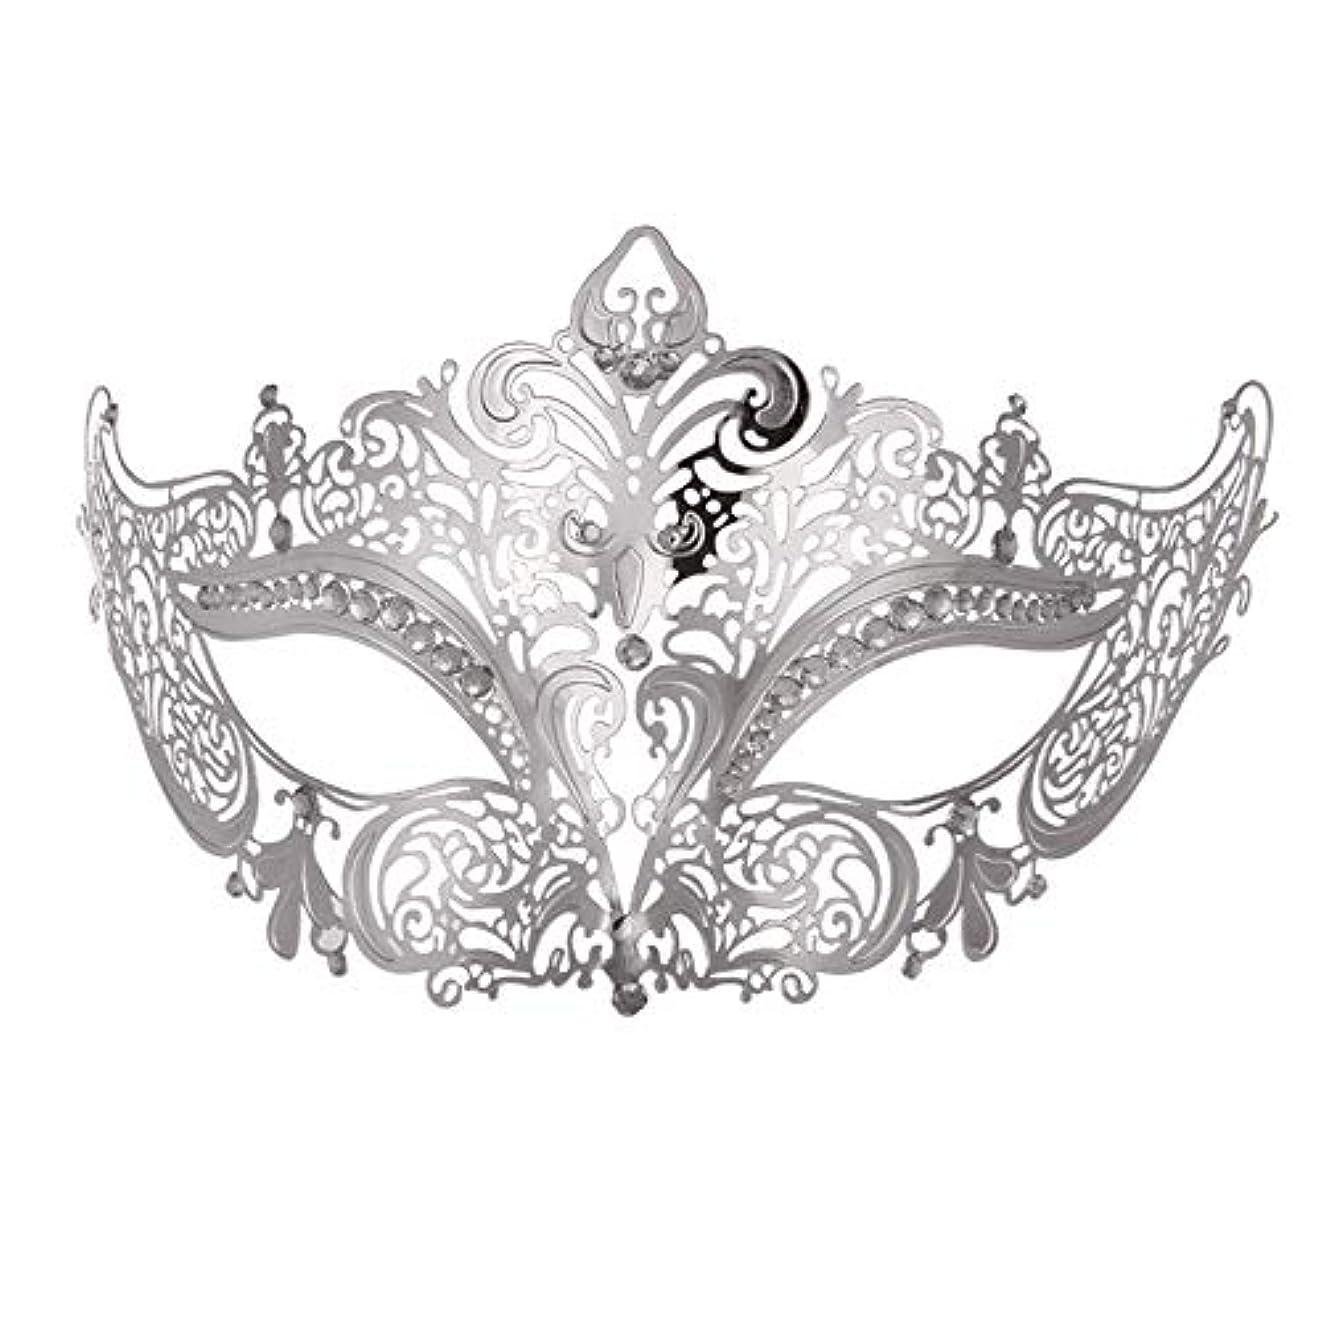 ポテト組み合わせ第二にダンスマスク 高級金メッキ銀マスク仮装小道具ロールプレイングナイトクラブパーティーマスク ホリデーパーティー用品 (色 : 銀, サイズ : Universal)